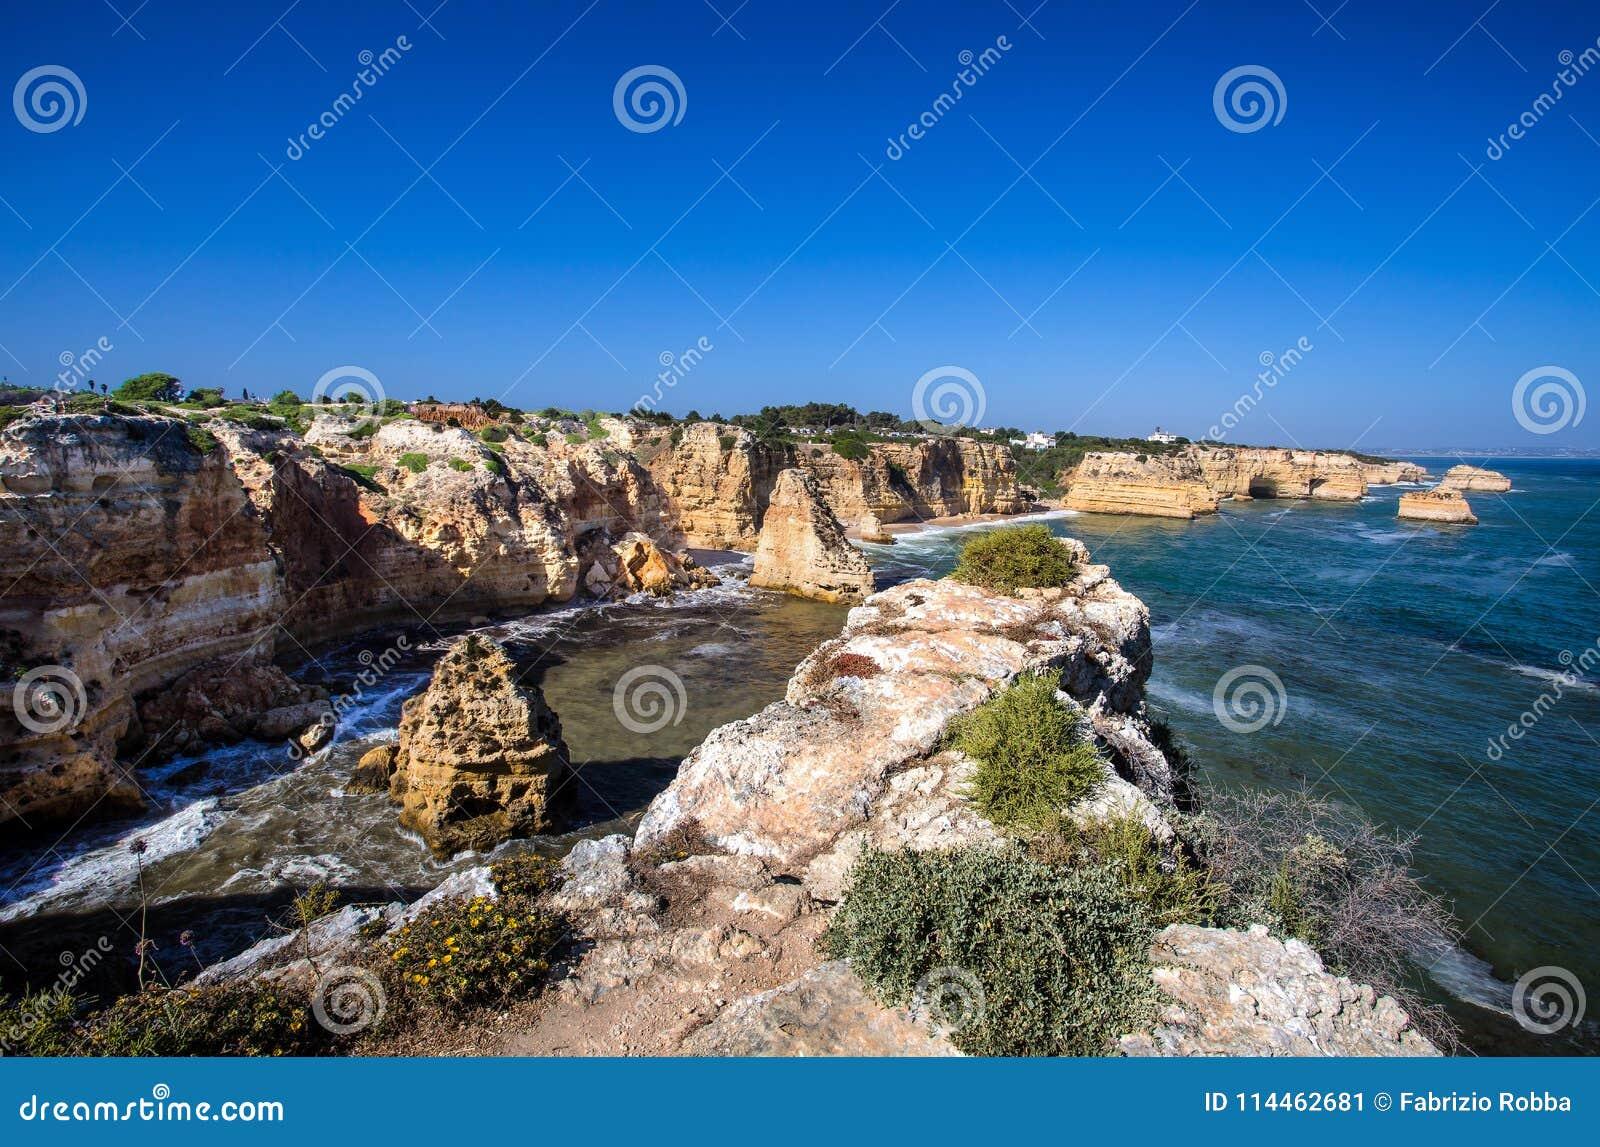 Spiaggia di Marinha, situata sulla costa atlantica nel Portogallo, Algarve